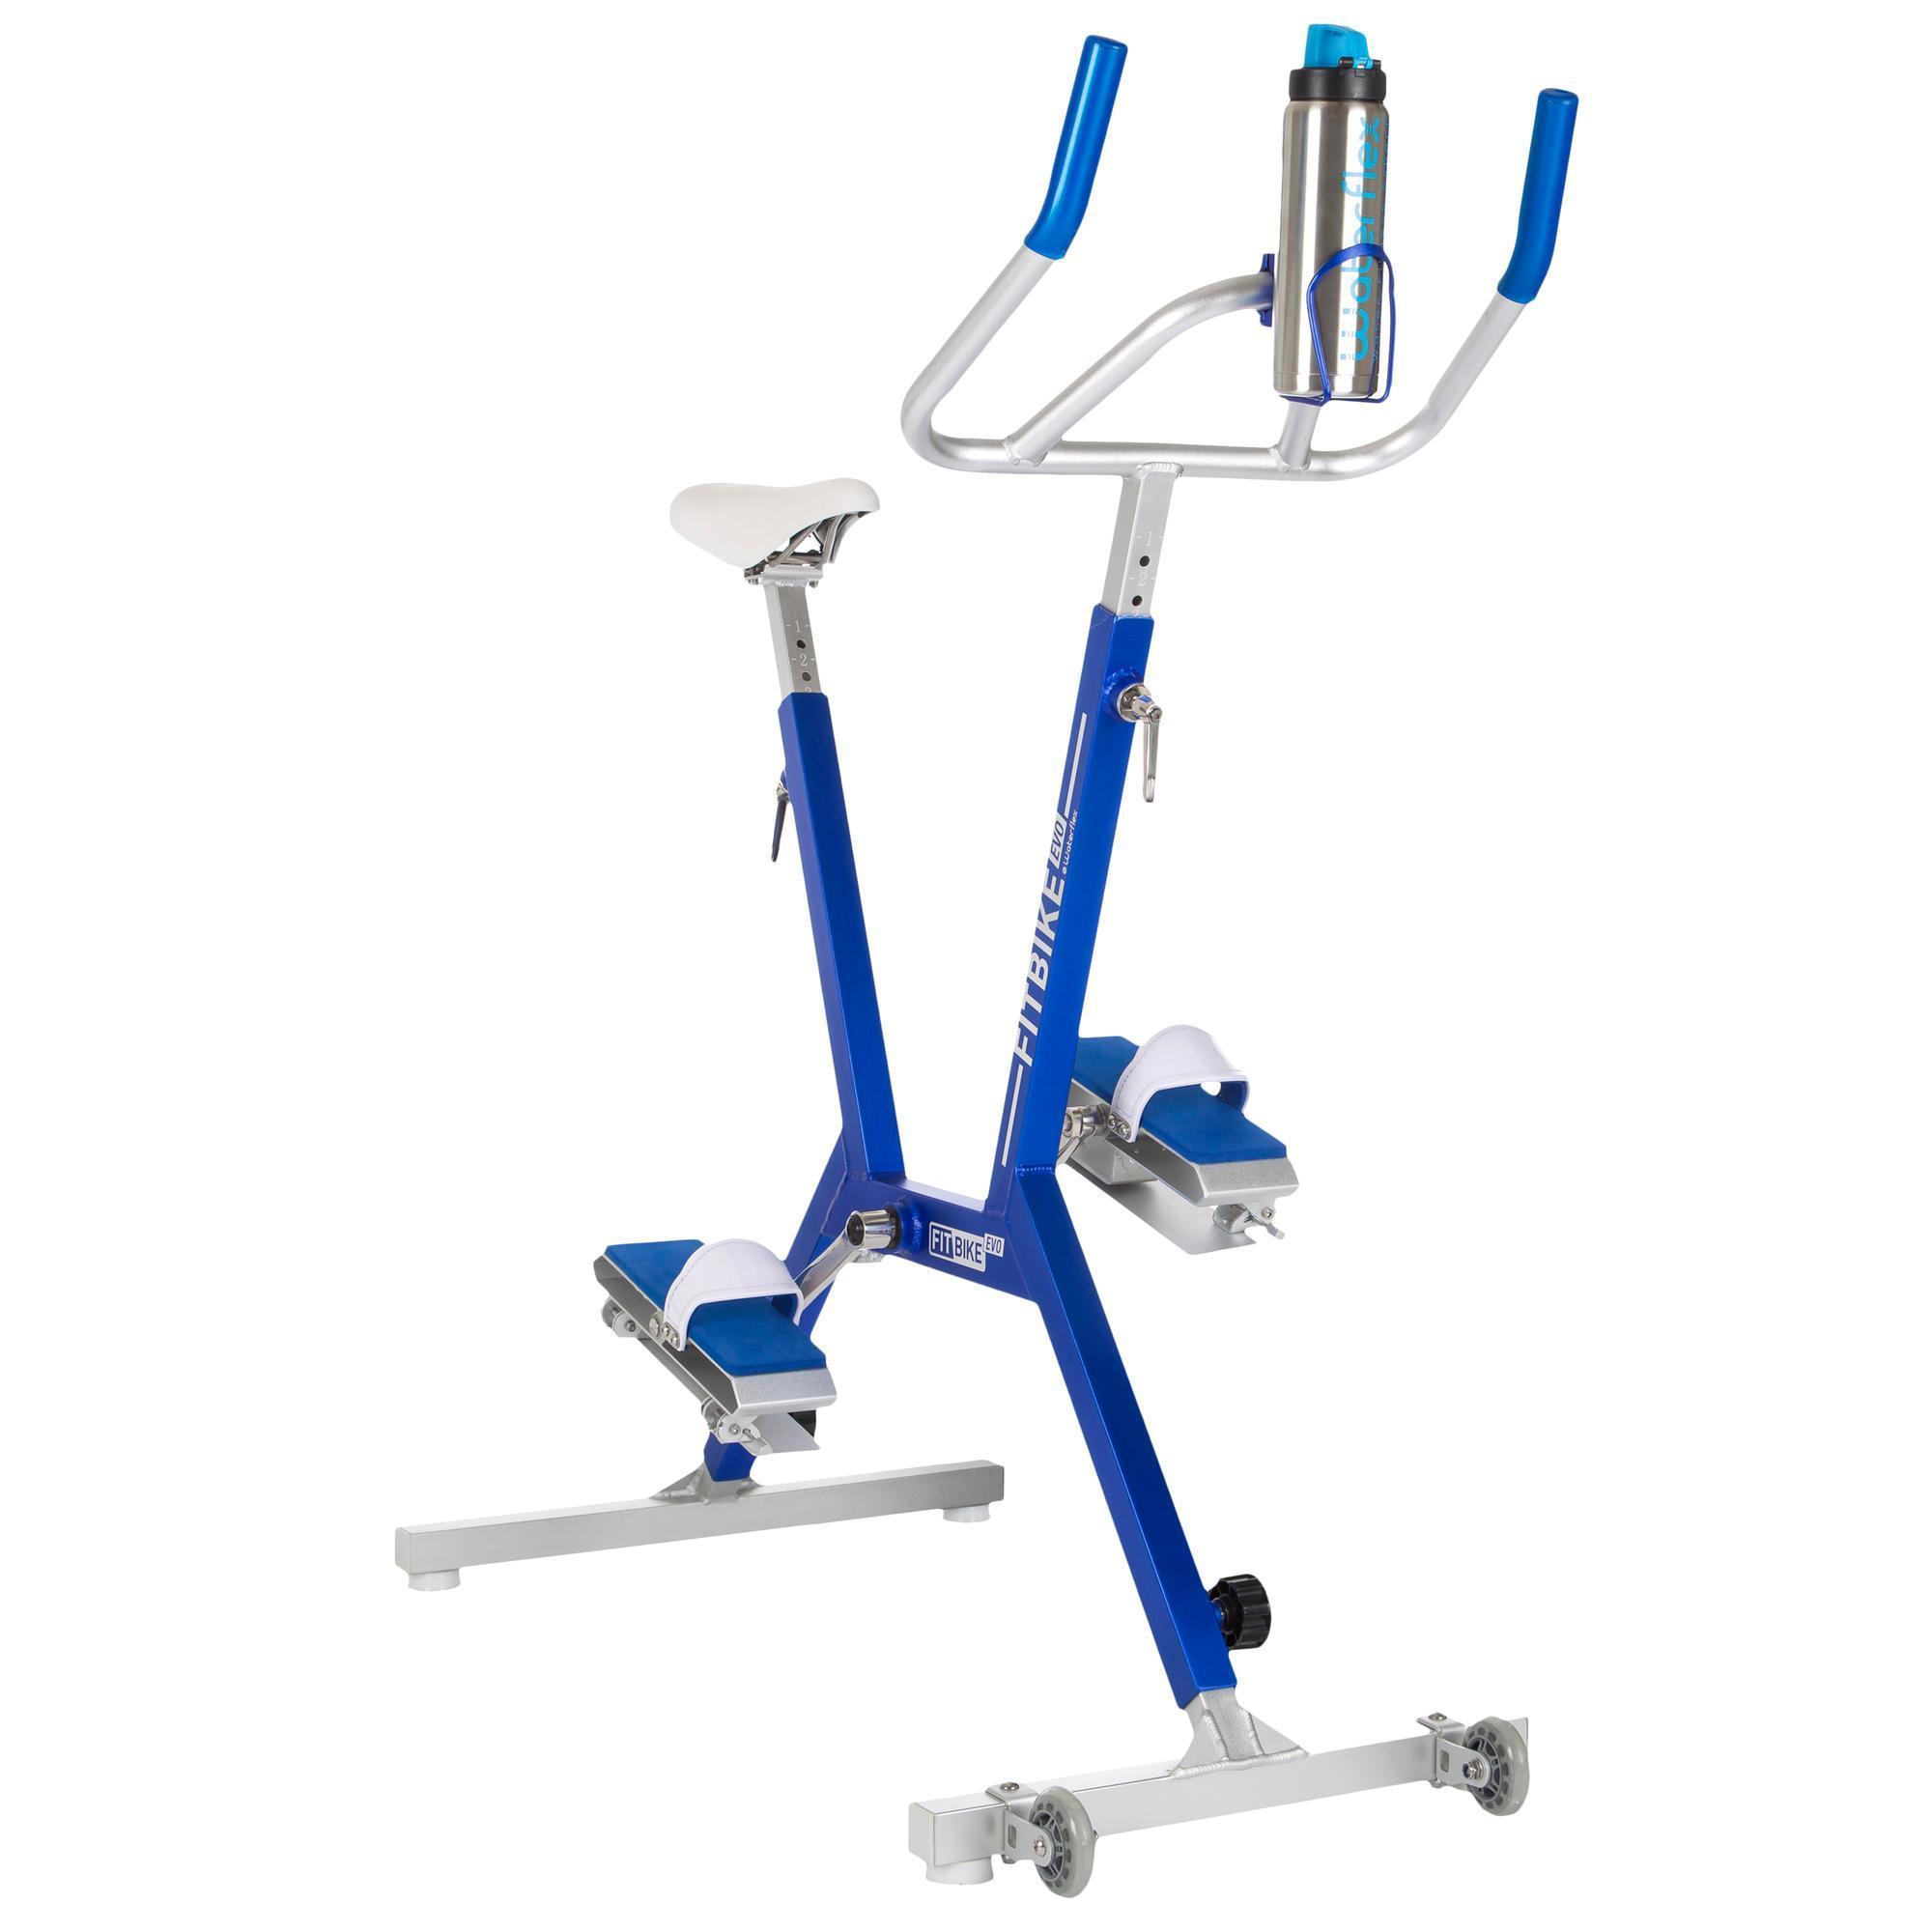 Aquabike Fit'bike Evo Pack Sport dedans Velo Piscine Decathlon